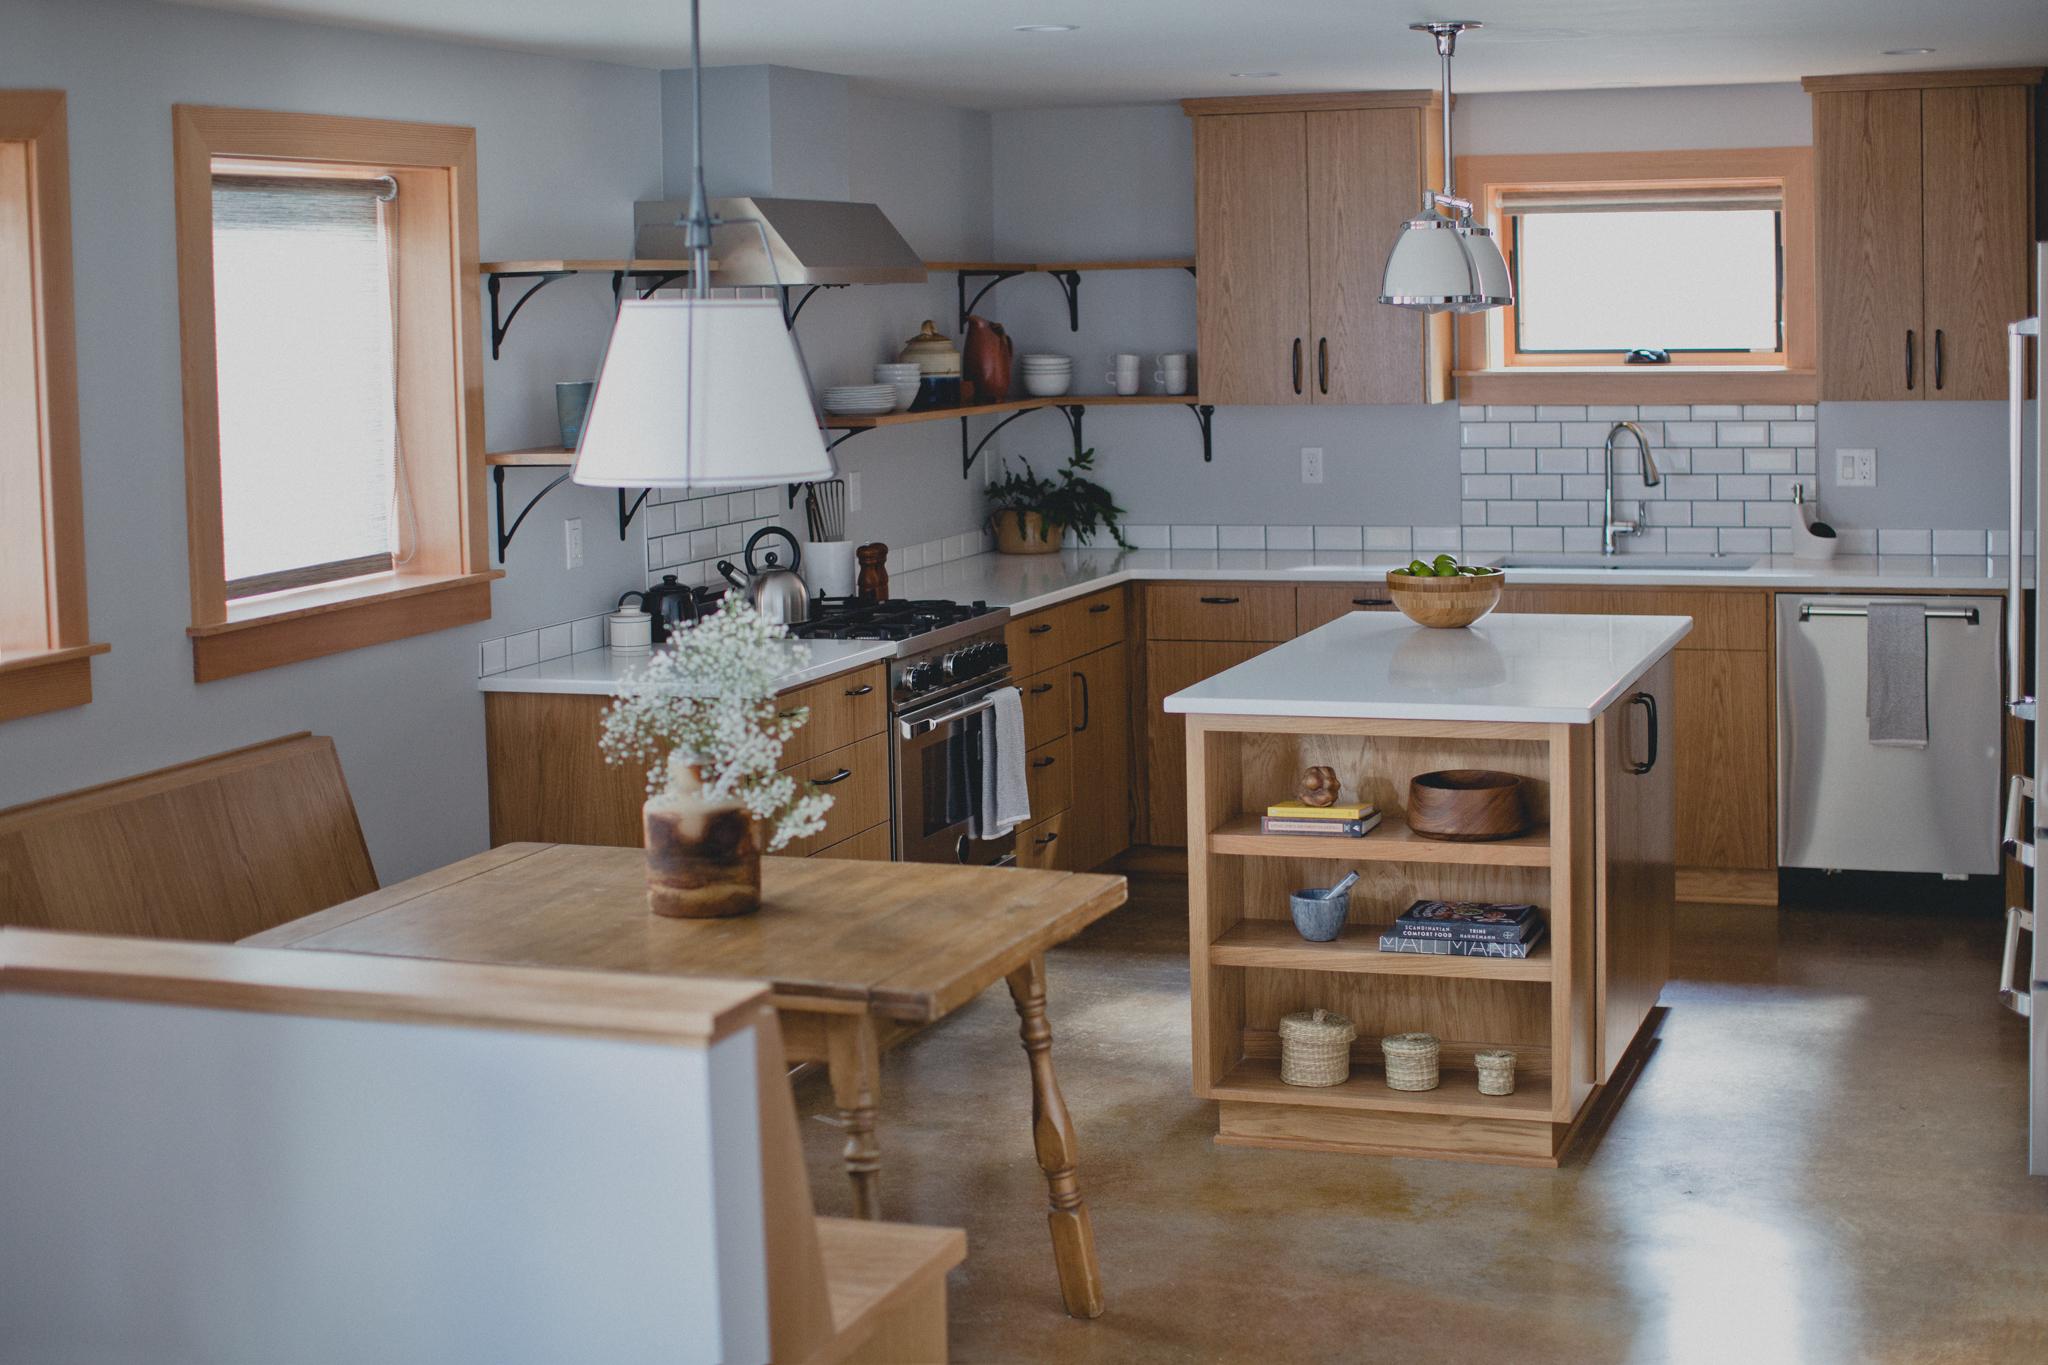 Downstairs kitchen in the ADU.